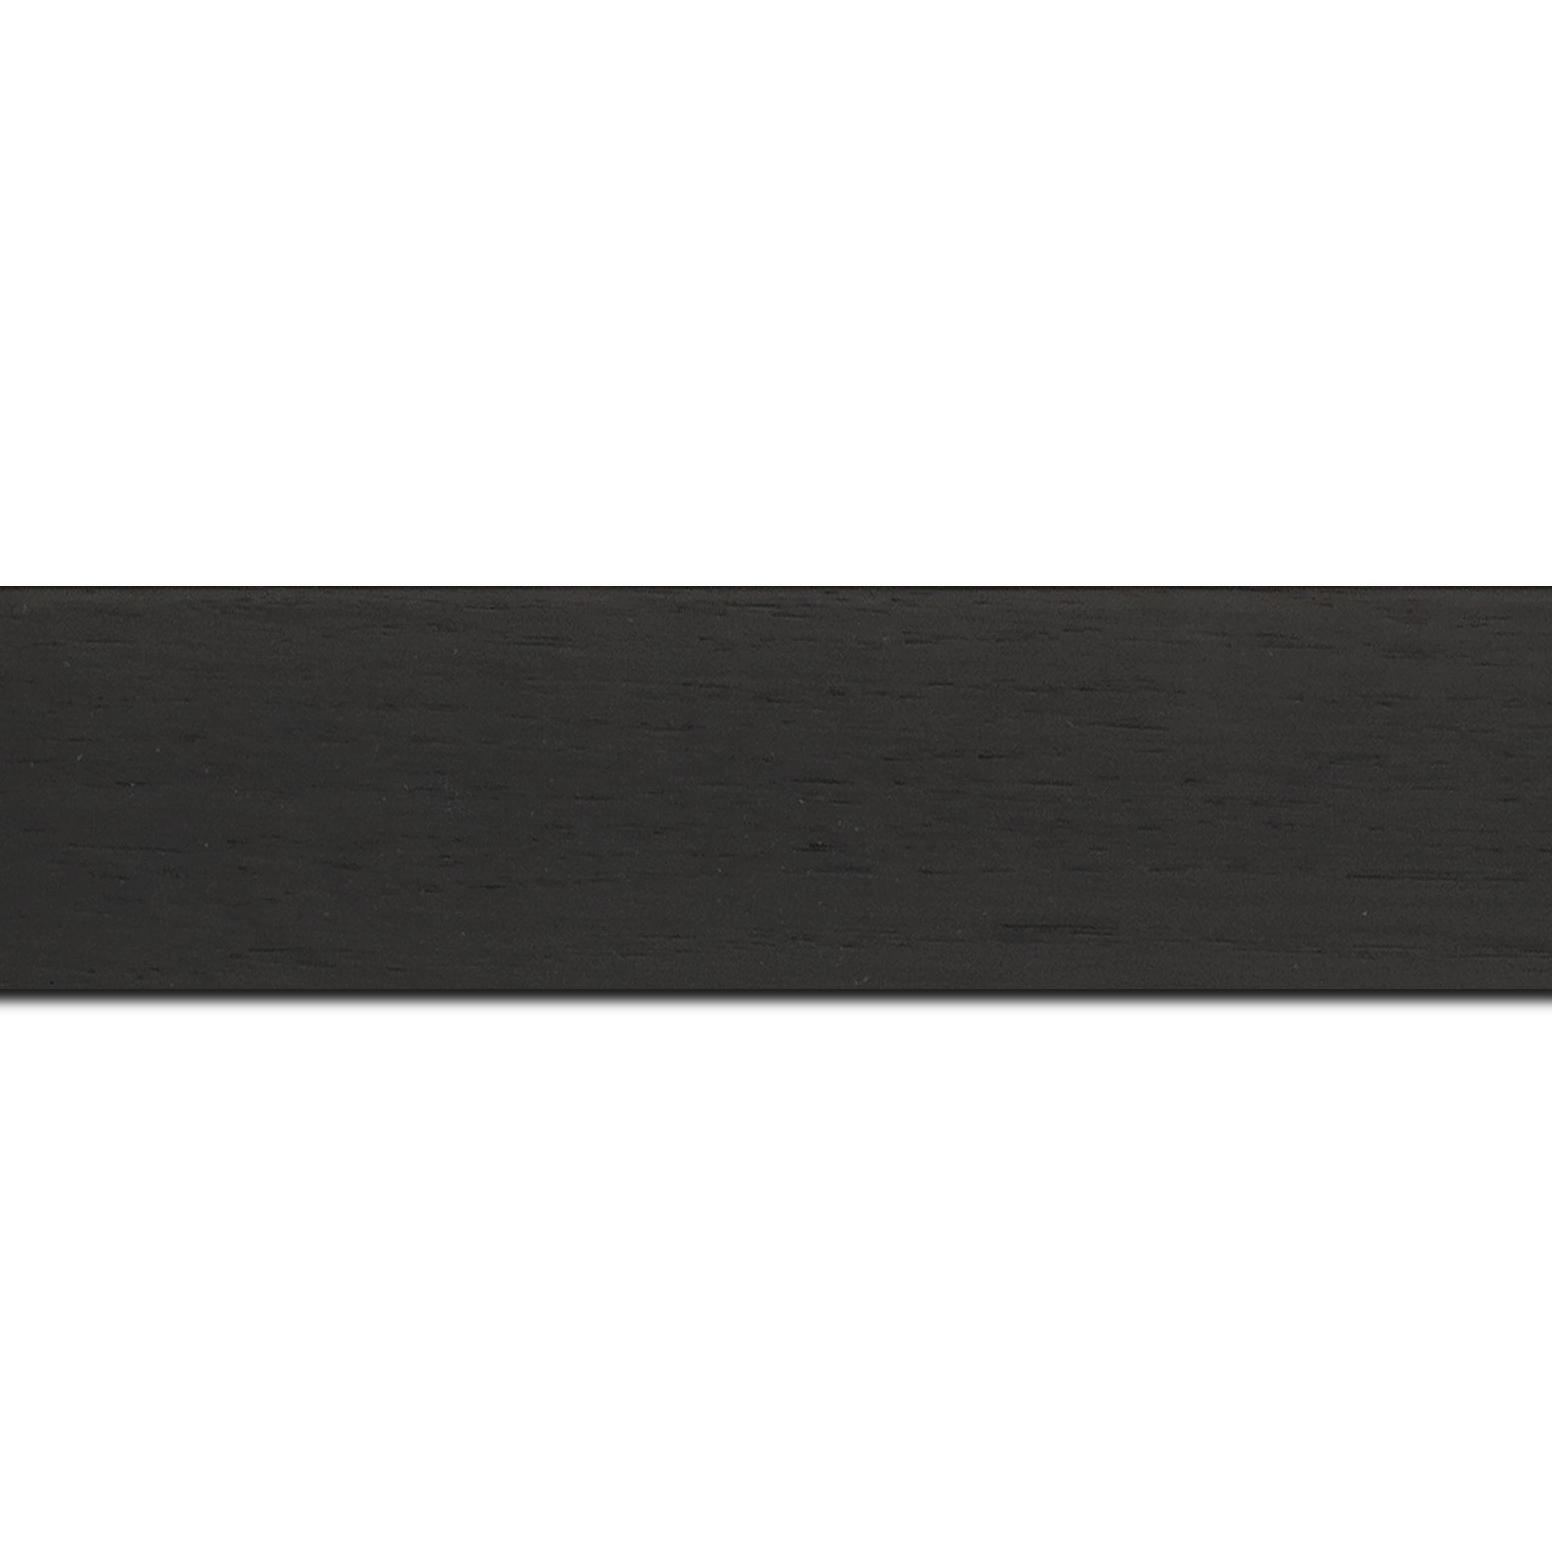 Baguette longueur 1.40m bois profil plat largeur 4cm plaquage haut de gamme chêne teinté noir